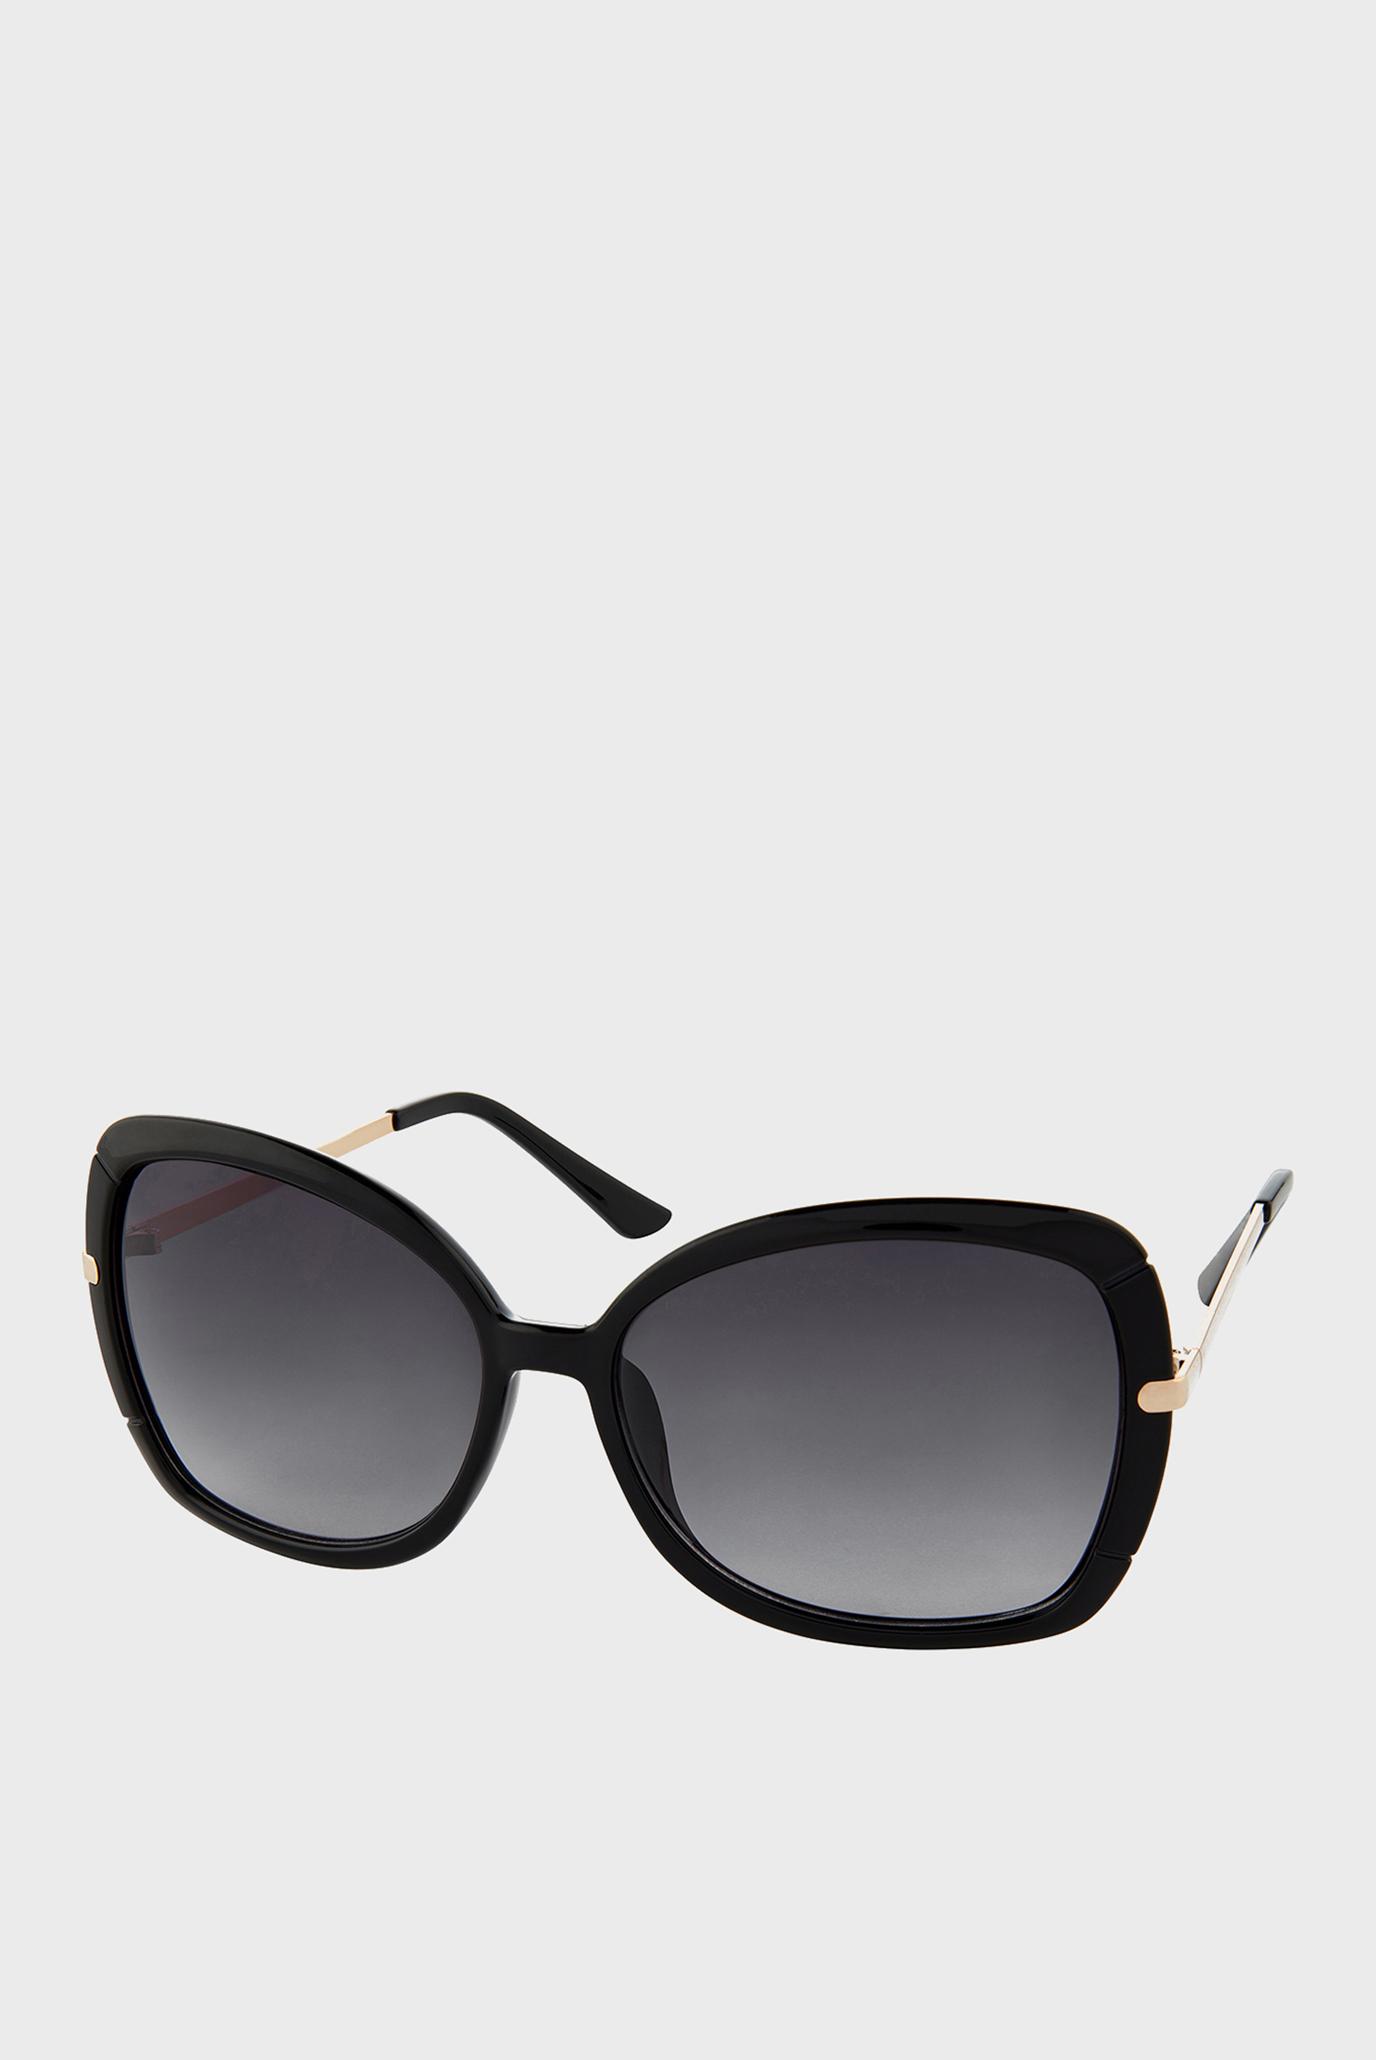 Жіночі чорні сонцезахисні окуляри SOPHIE OVERSIZED SQUARE 1